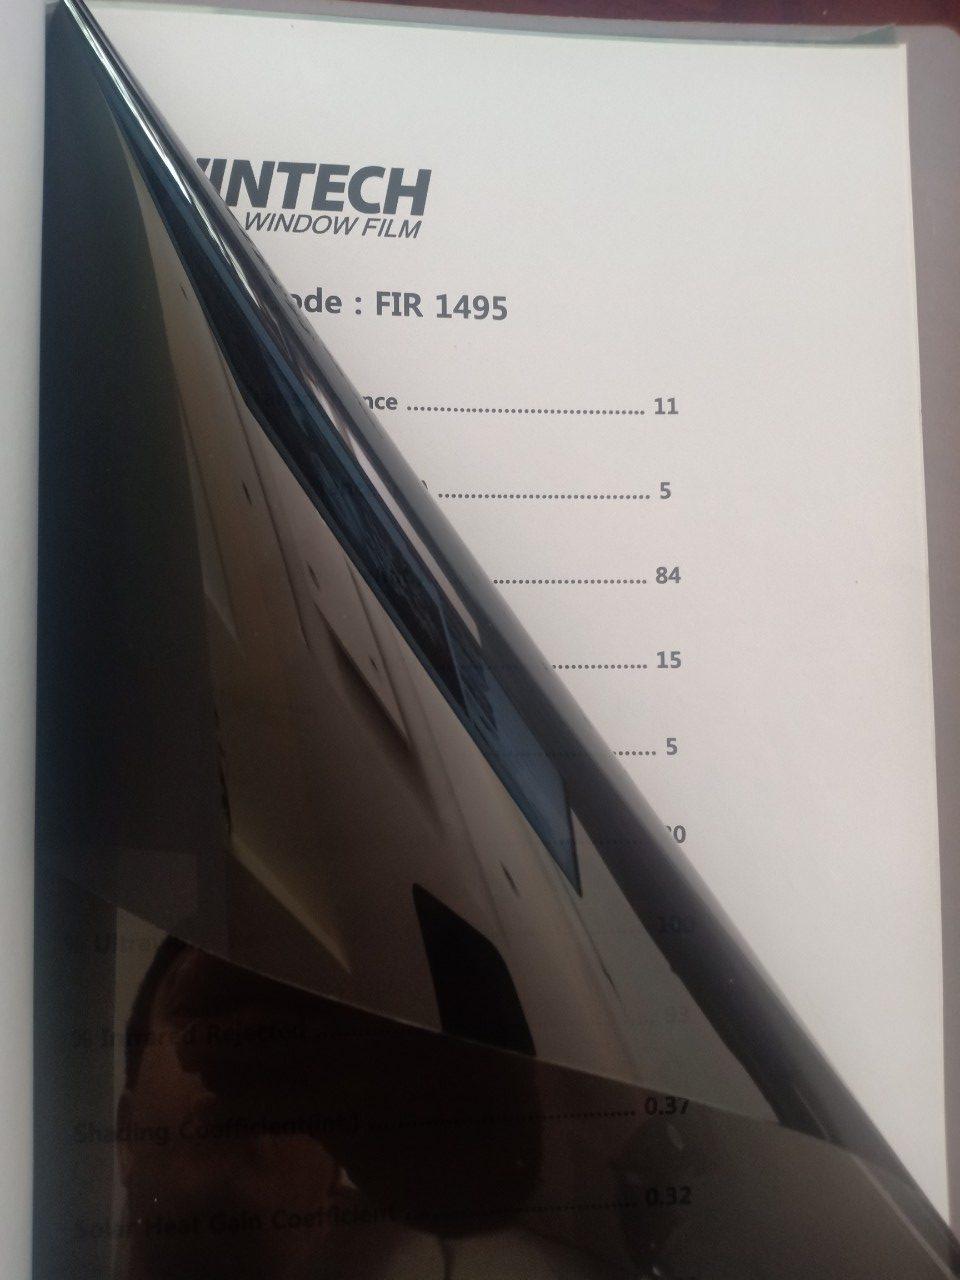 wintechfilm-fir-1495